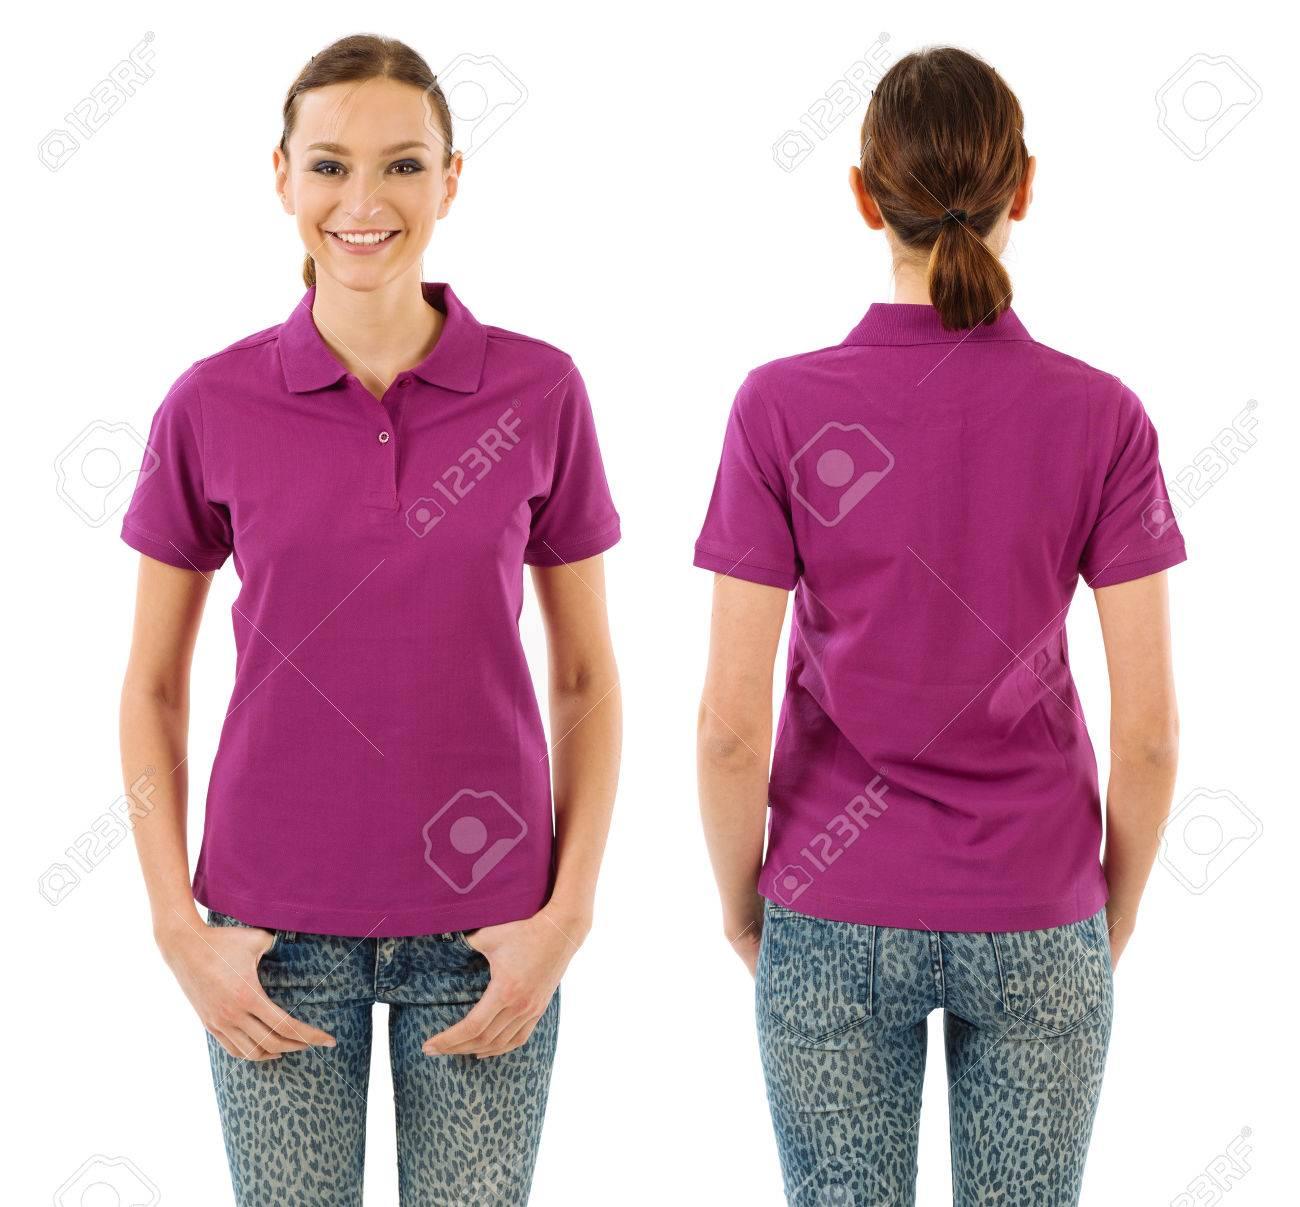 Foto de una mujer hermosa joven con la camisa de polo color púrpura en blanco, vista frontal y espalda. Listo para su diseño o ilustraciones.